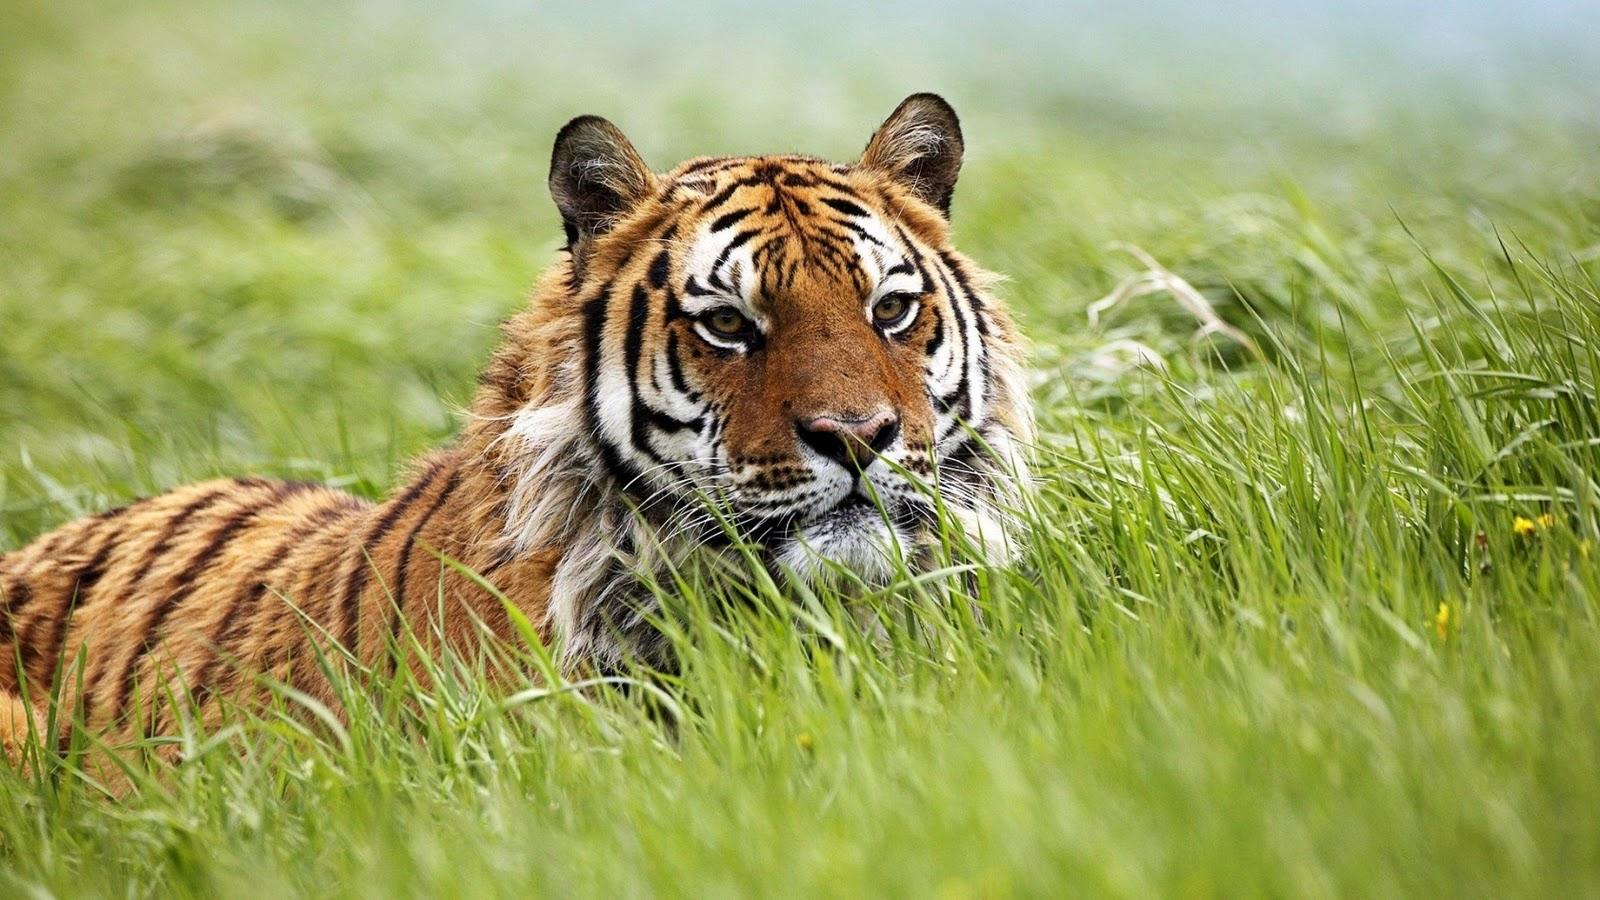 http://2.bp.blogspot.com/-iunkVtmtVDo/TtdAaL_h3VI/AAAAAAAAAYE/m453SsPkPQs/s1600/Siberian-Tiger-Wallpaper.jpg